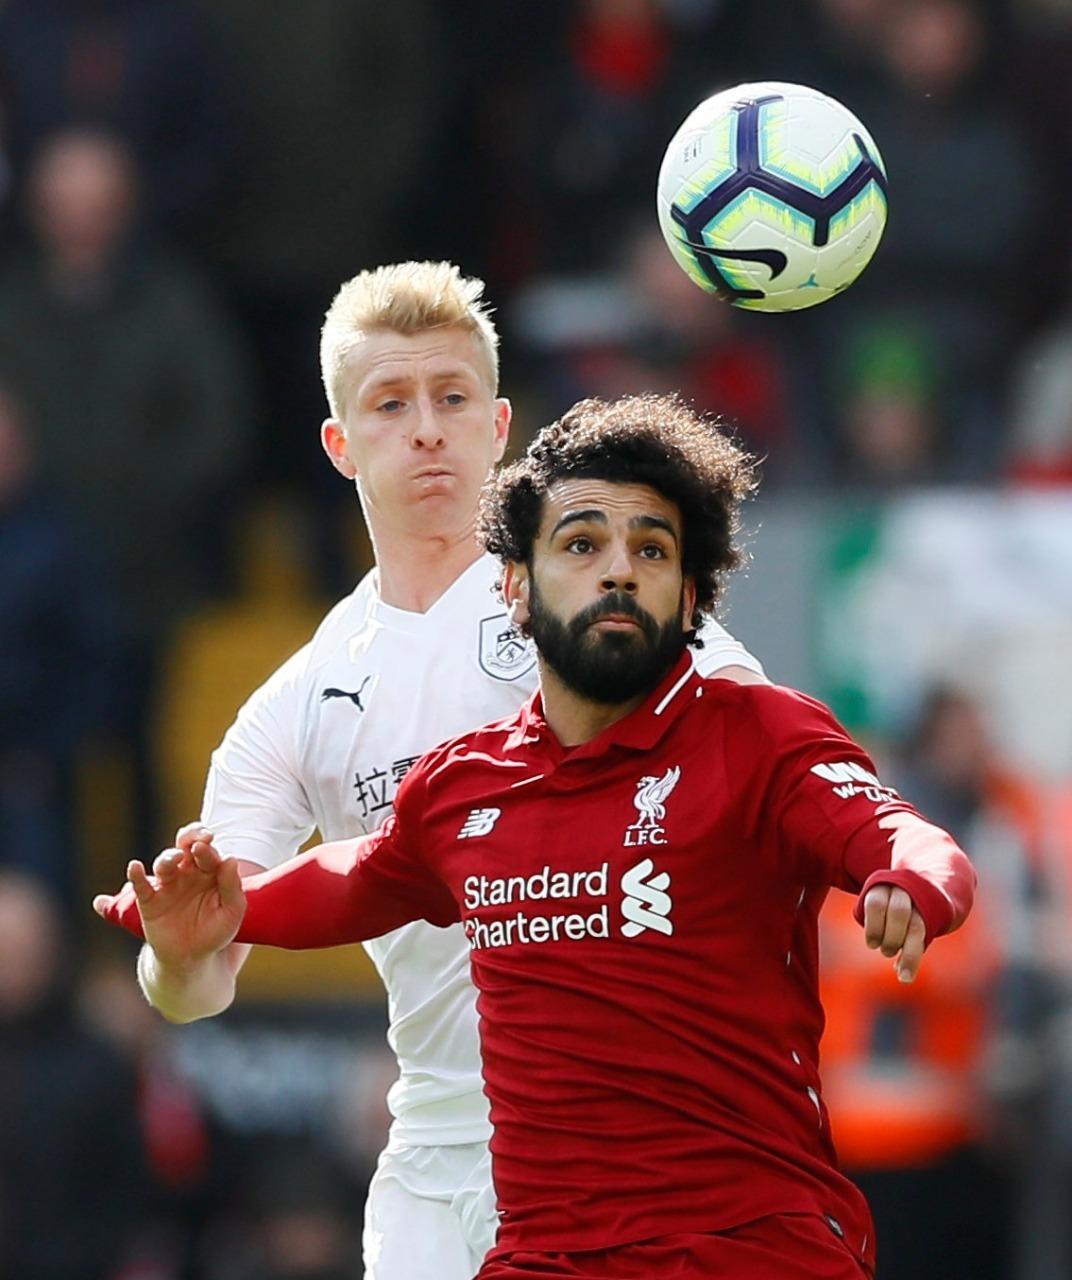 محمد صلاح خلال مباراة ليفربول مع بيرنلي، 10 مارس (آذار). (رويترز)